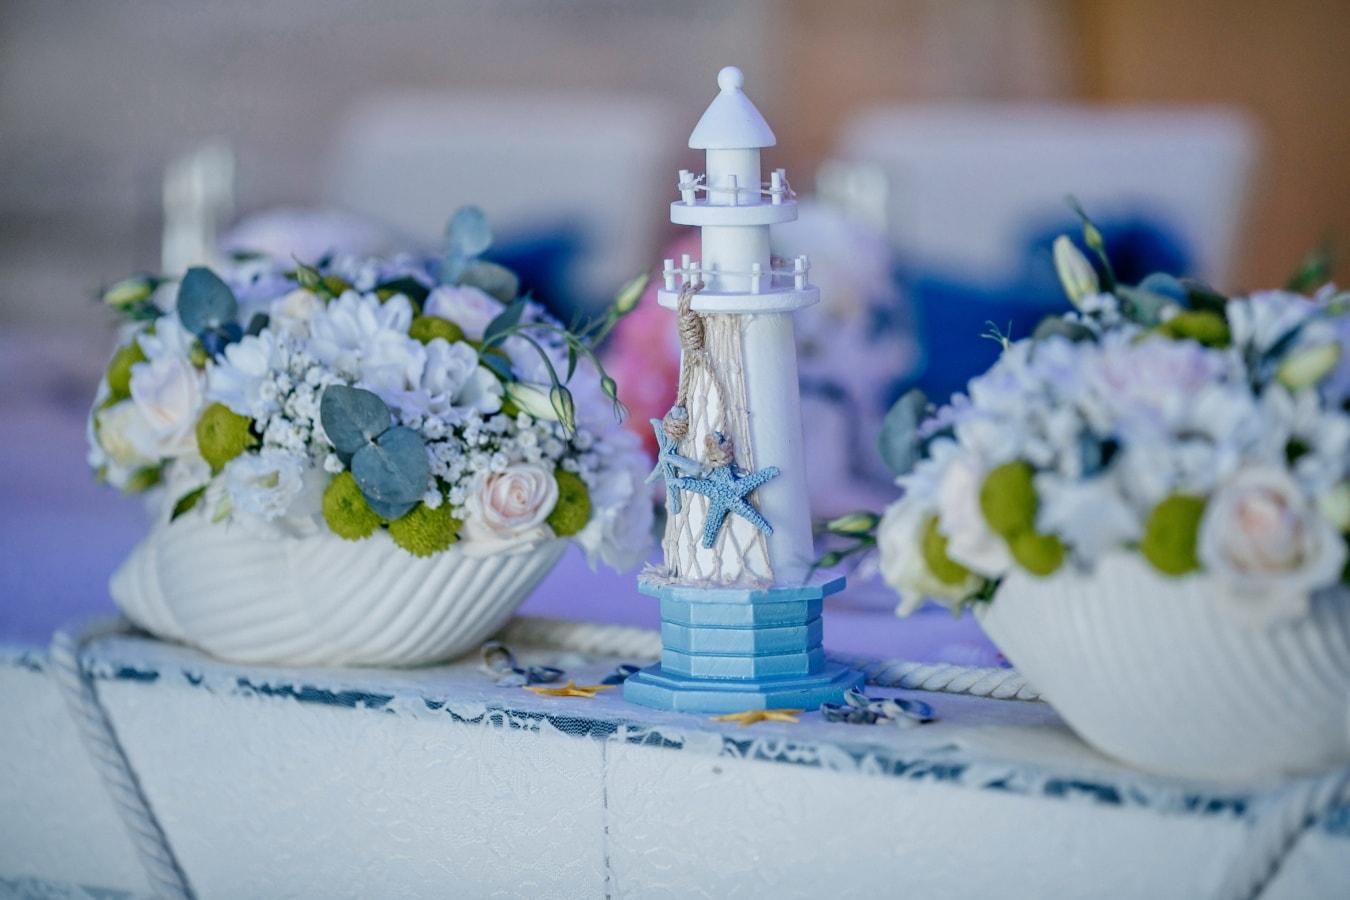 fleurs, bol, maison légère, élégant, décoration, fantaisie, nature morte, fleur, bouquet, table